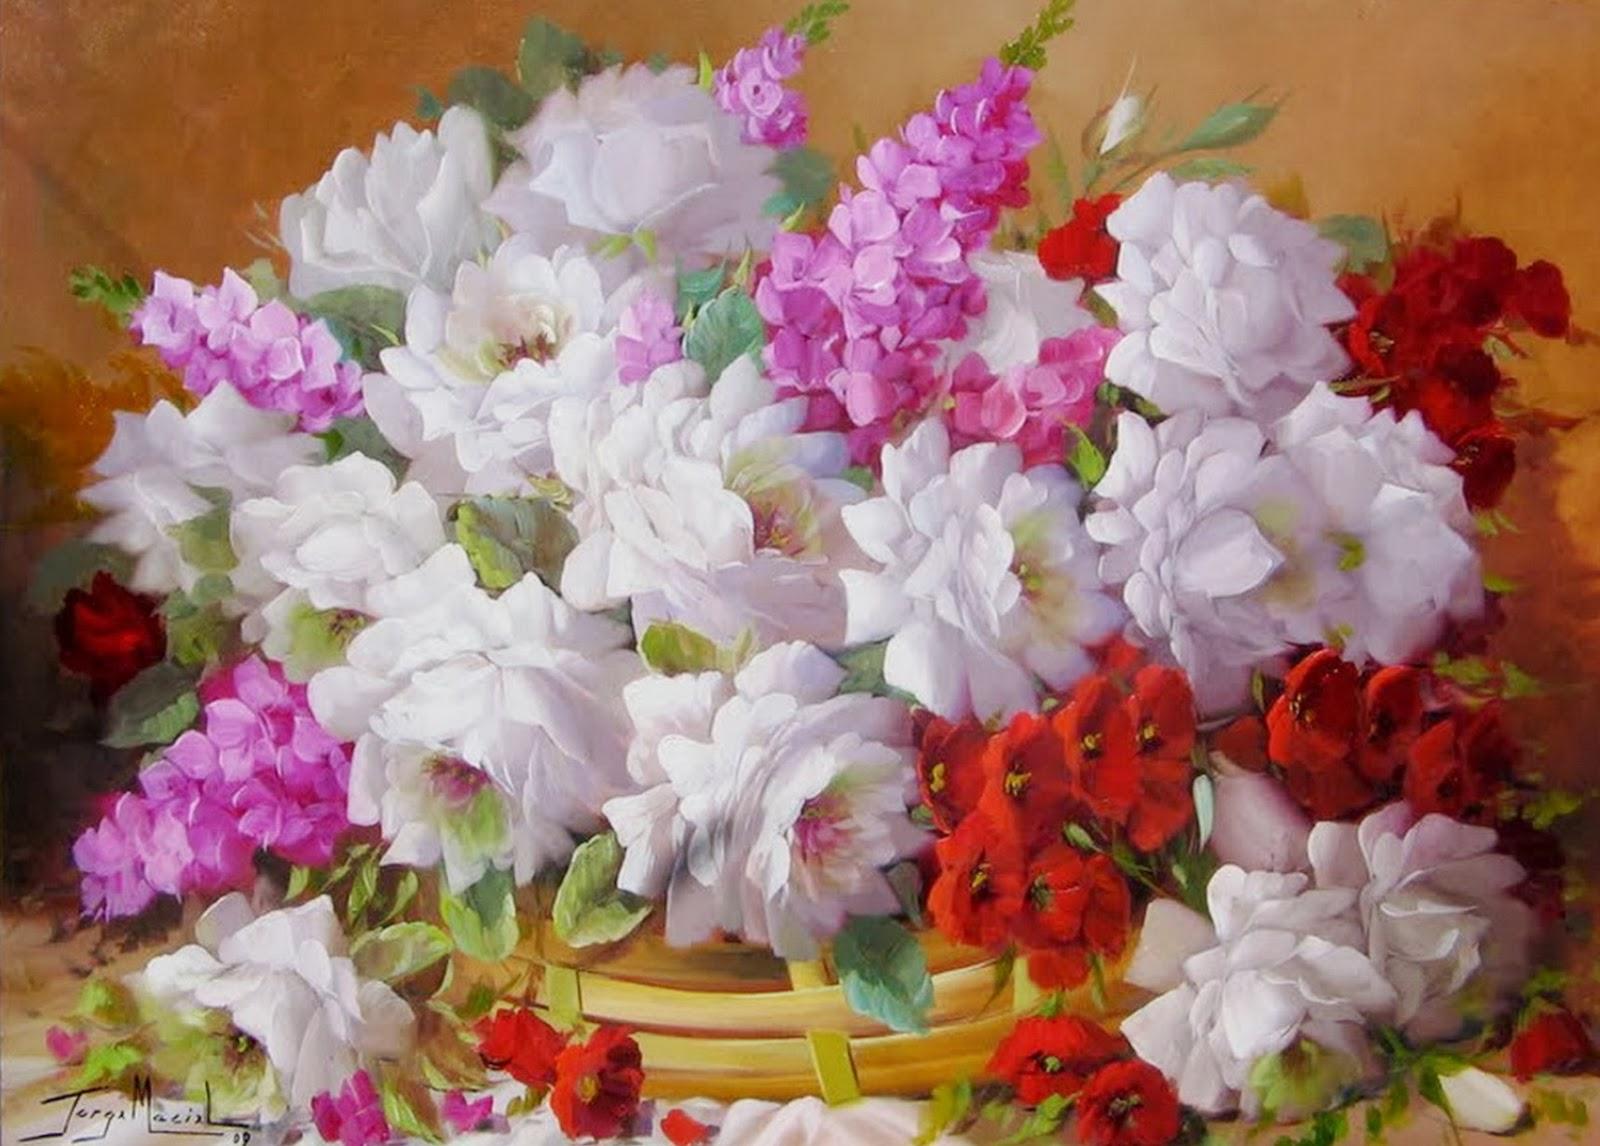 Flores Pintadas al Óleo Cuadros en Realismo | Bodegones y Paisajes ...